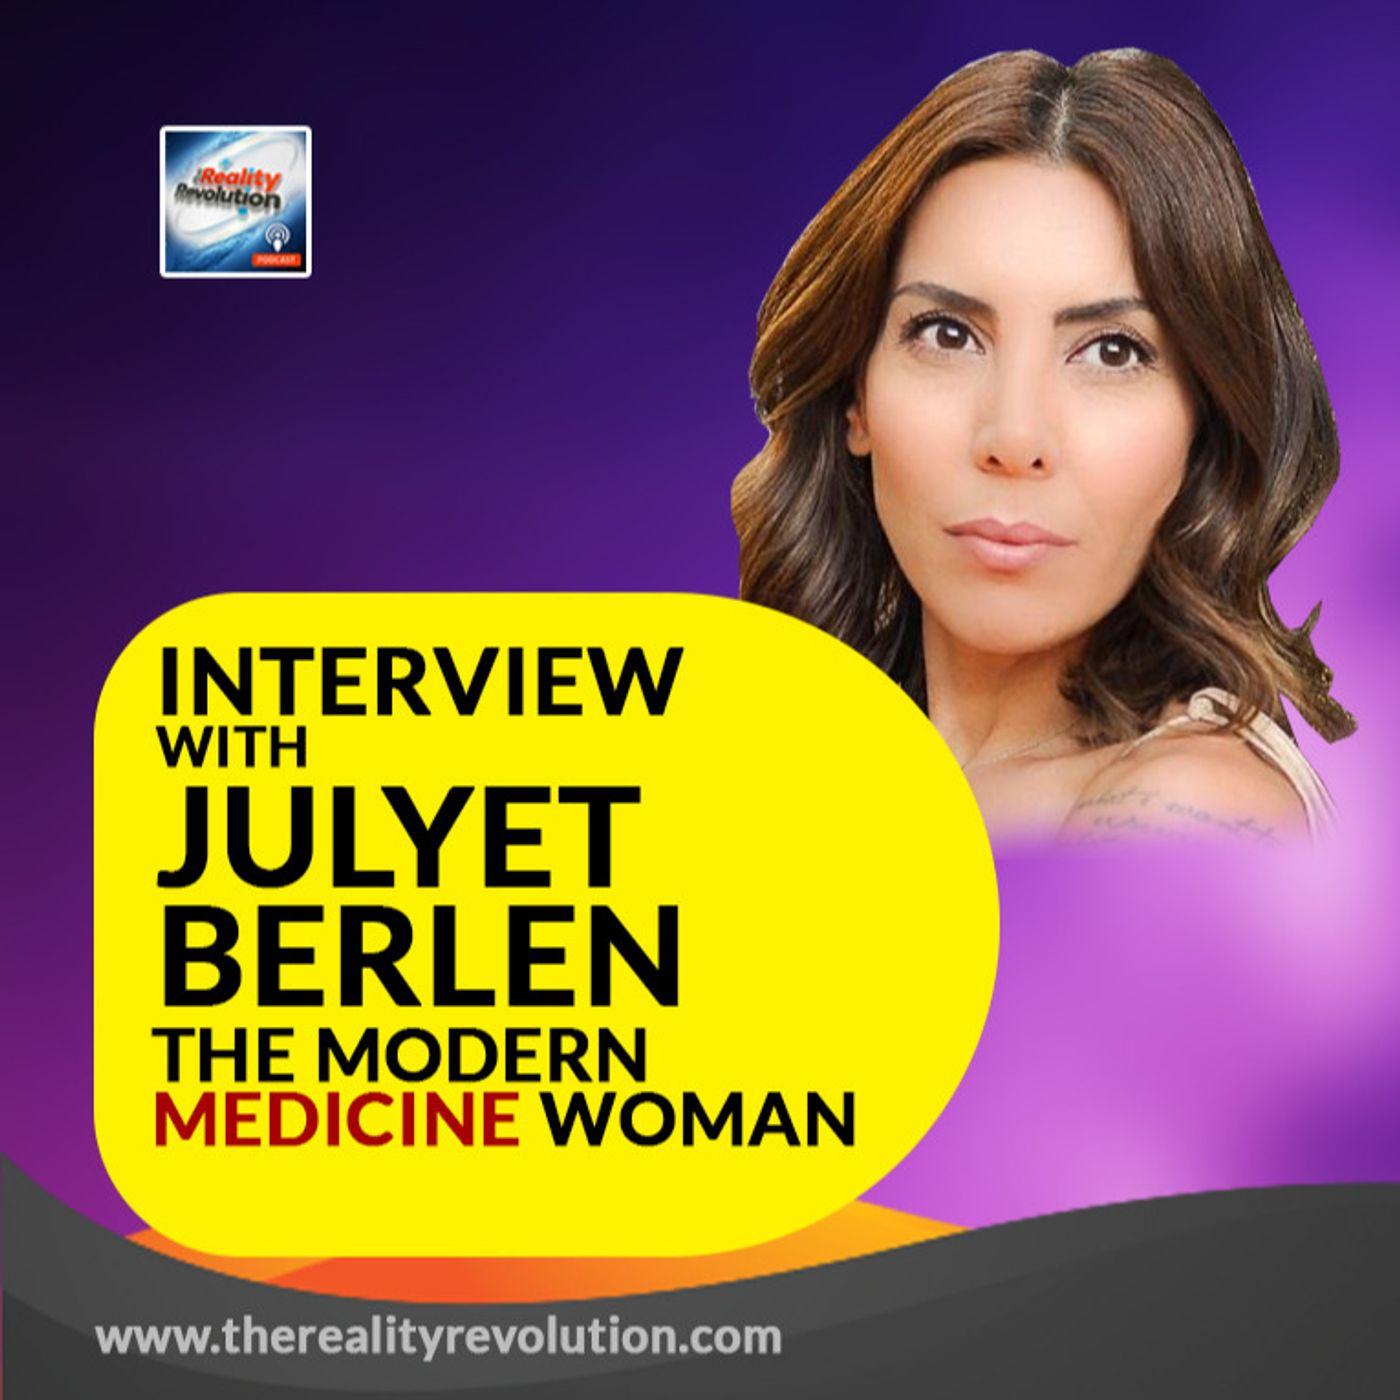 Interview with Julyet Berlen - The Modern Medicine Woman